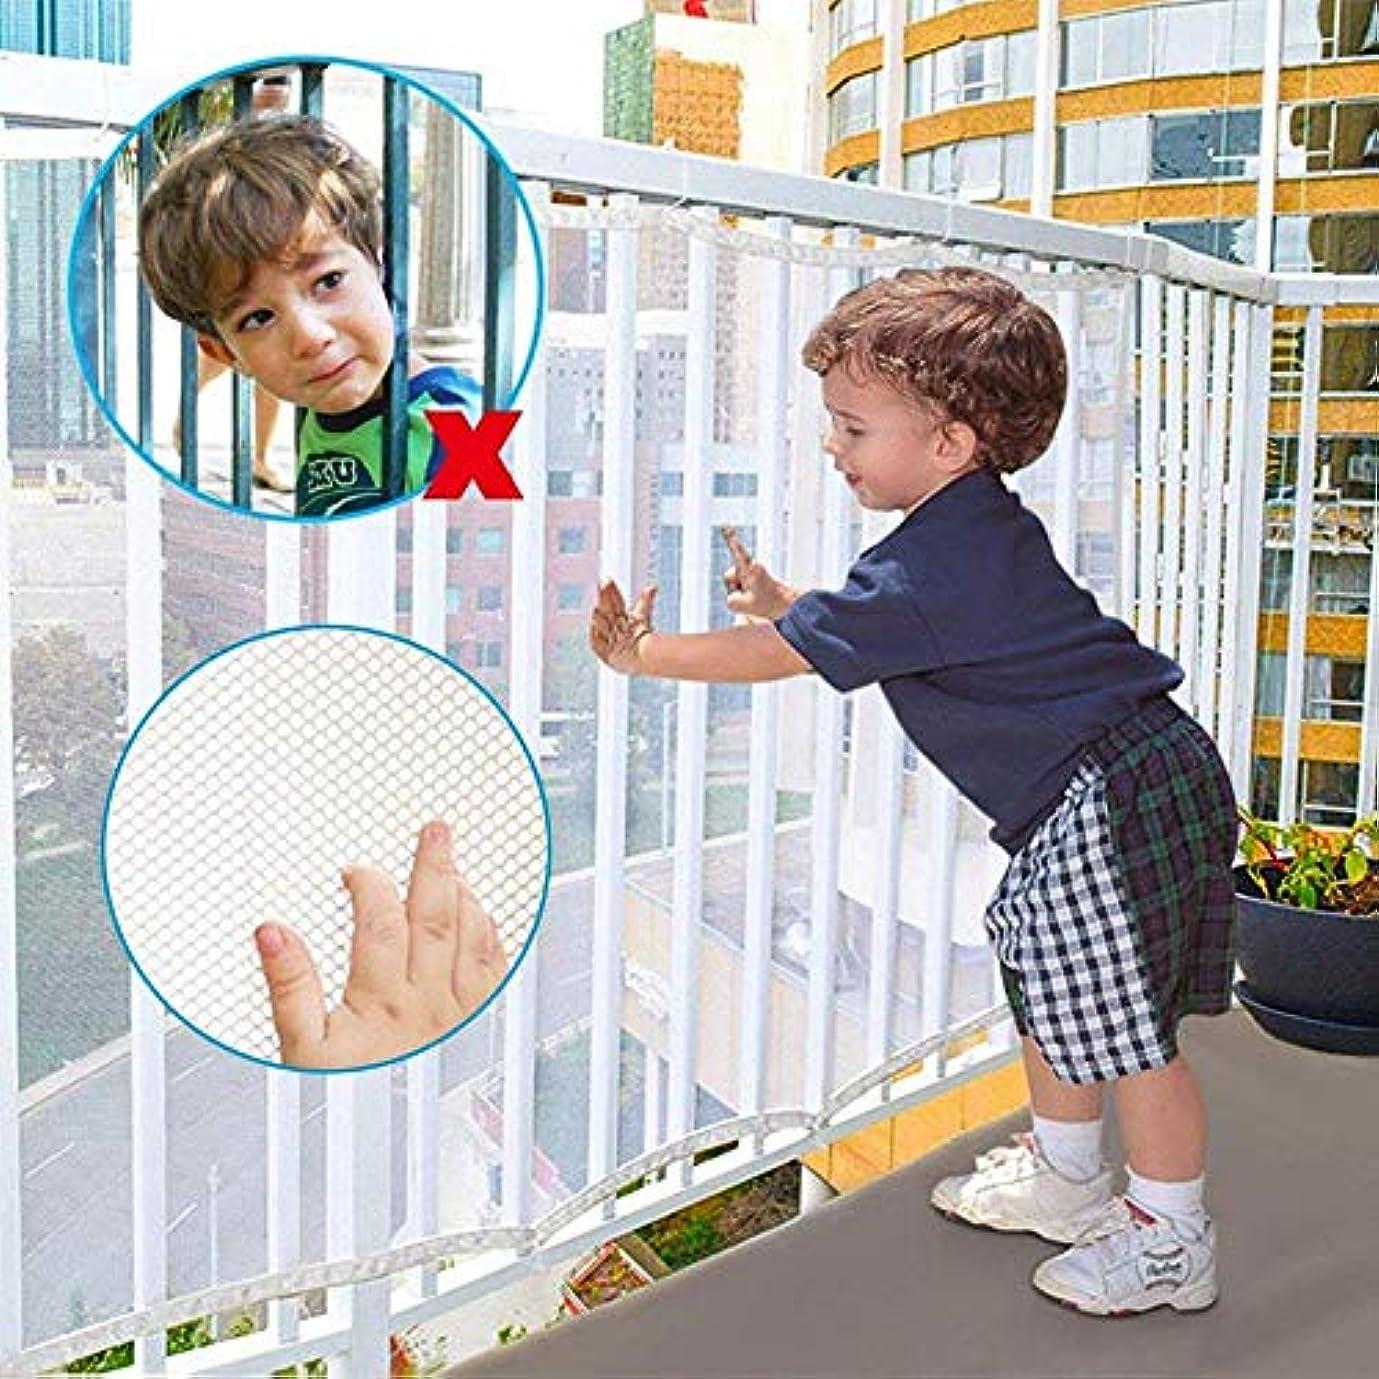 クローンピニオン踊り子BXKEJI ベビーキッズレールネットセーフバルコニーネット保護階段ネット手すりガード安全屋内屋外手すり用子供